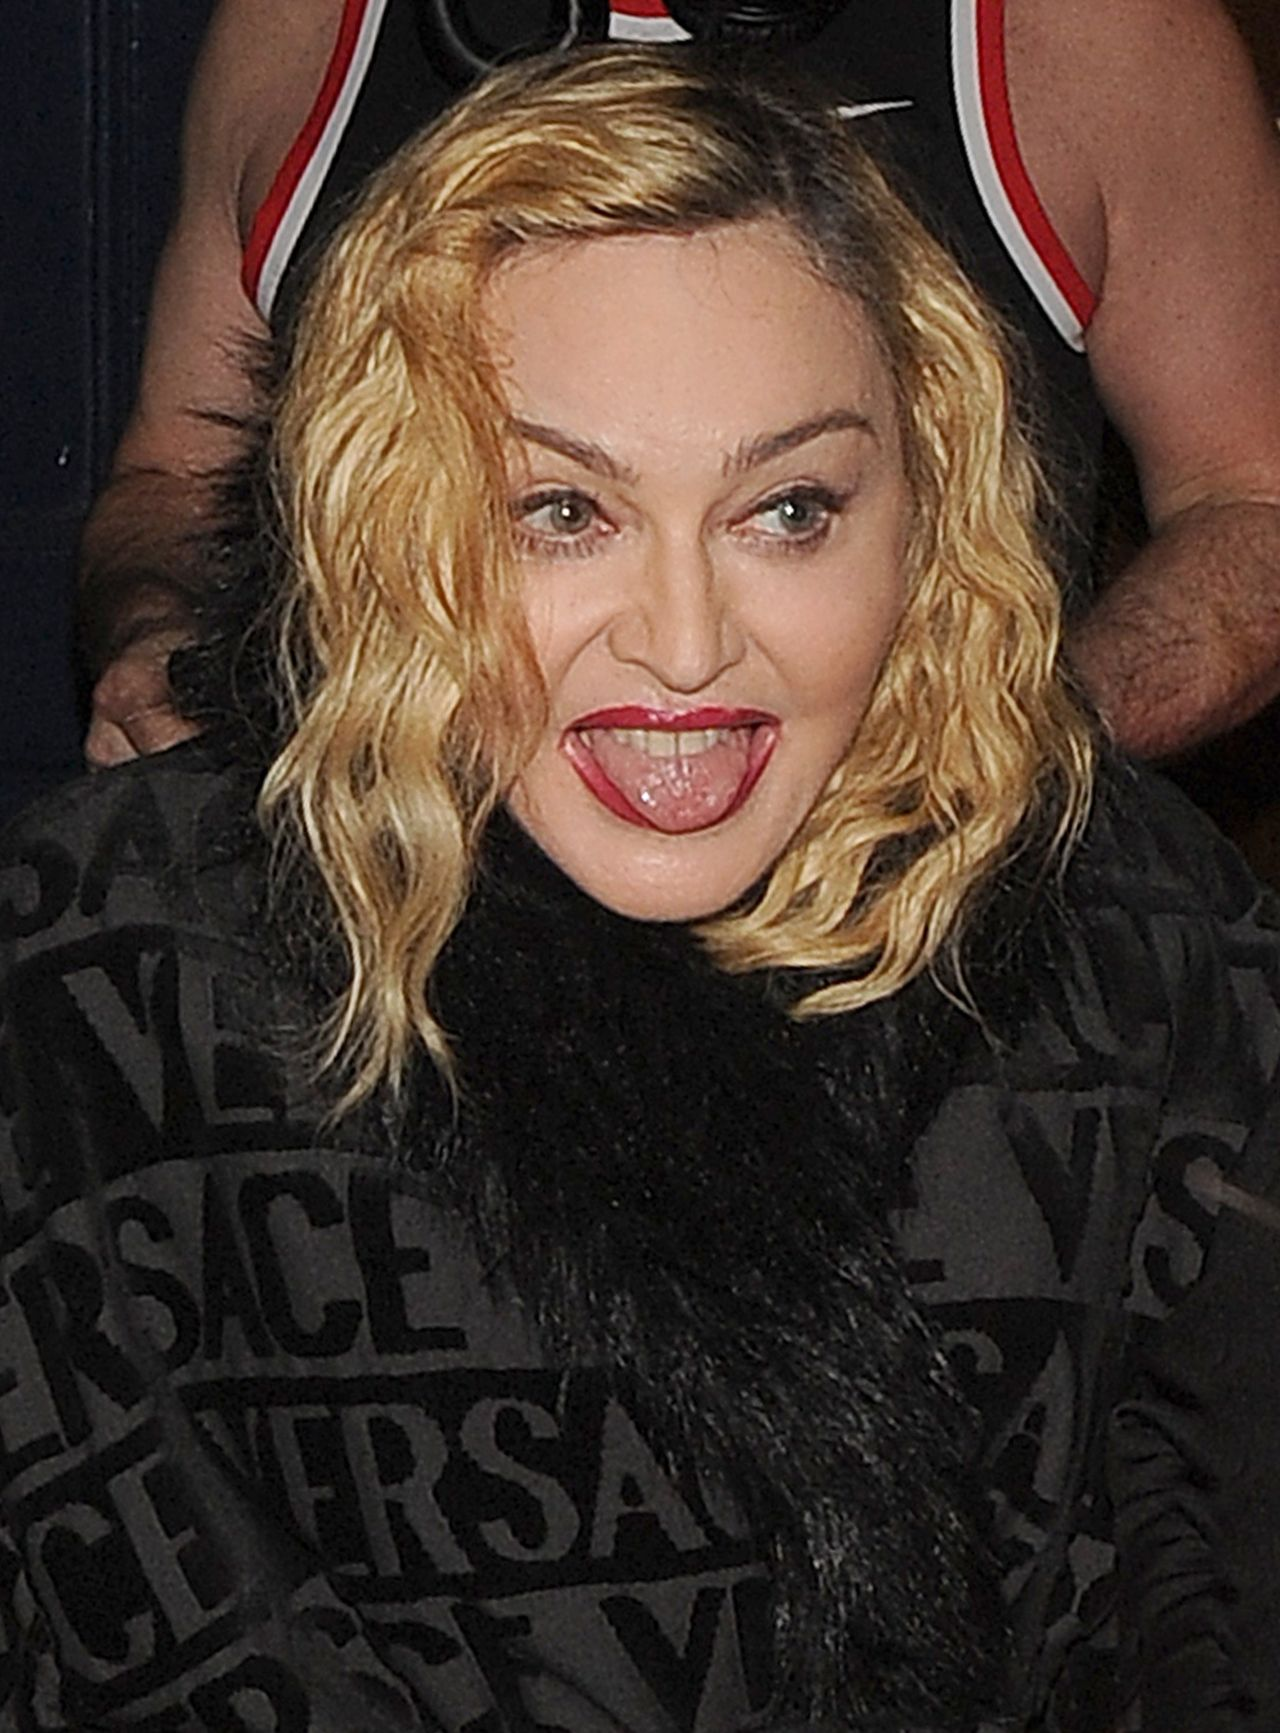 Madonna pokazuje język fotoreporterom.